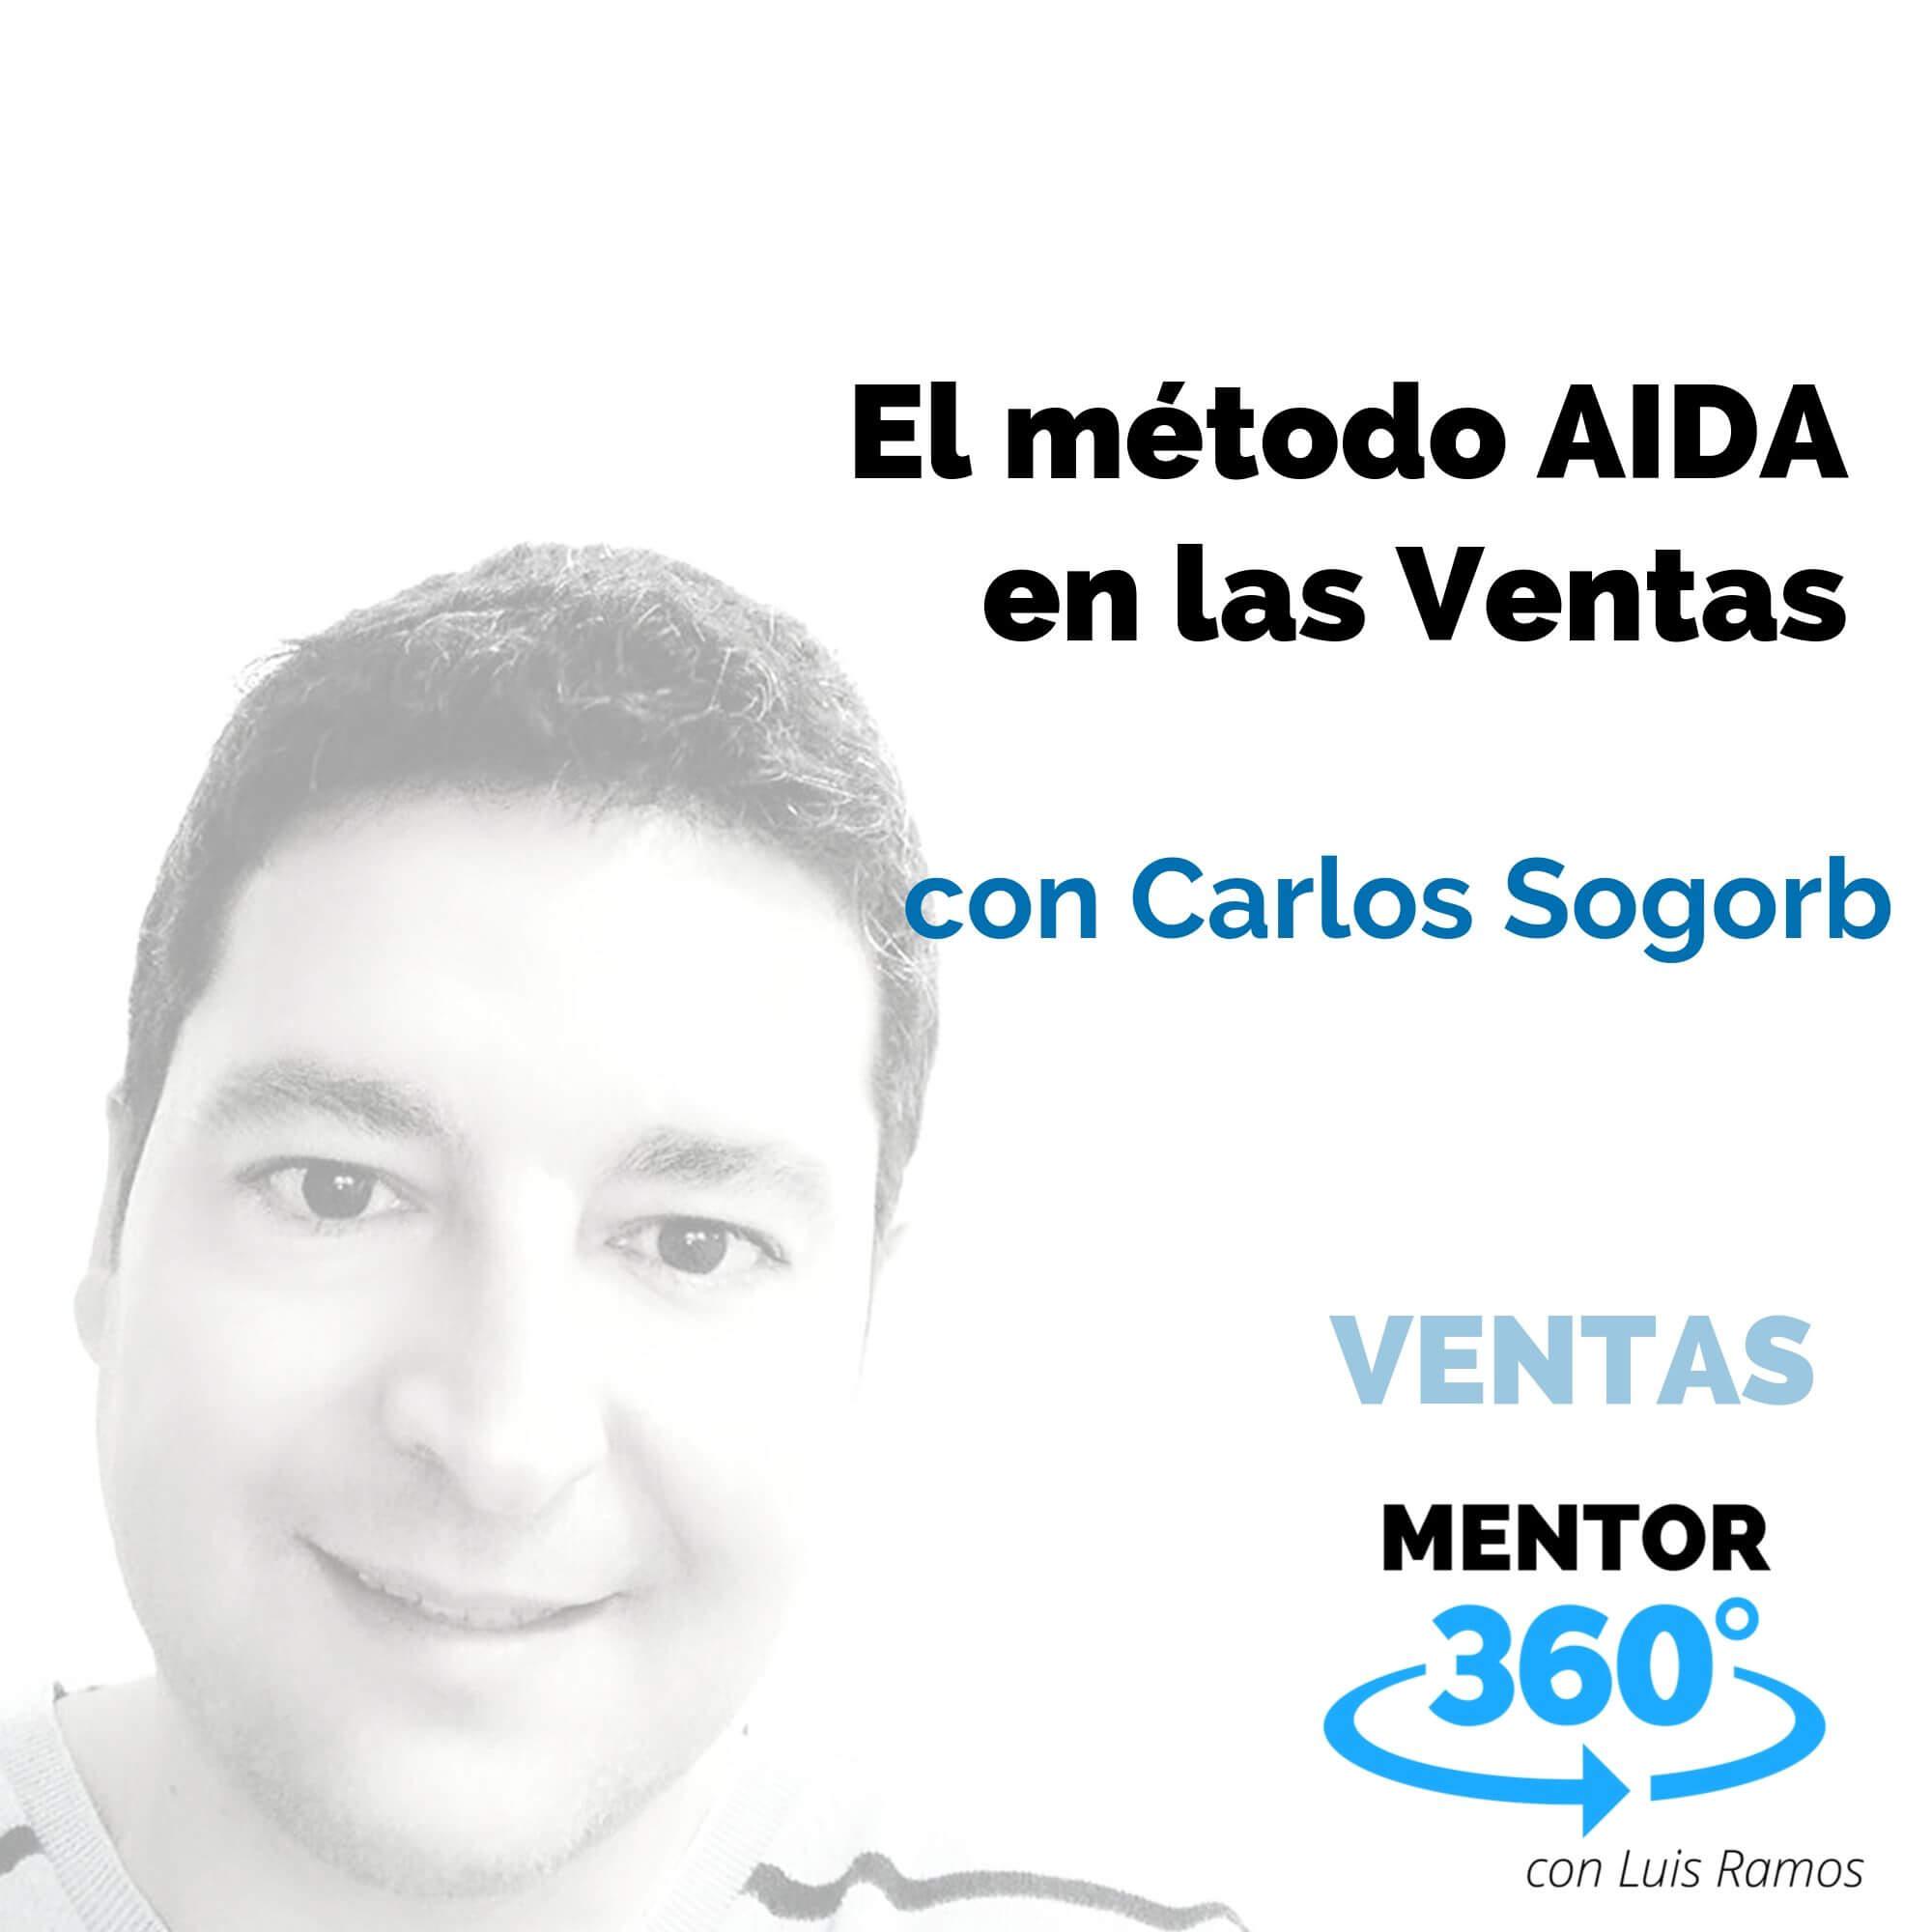 El método AIDA en las Ventas, con Carlos Sogorb - VENTAS